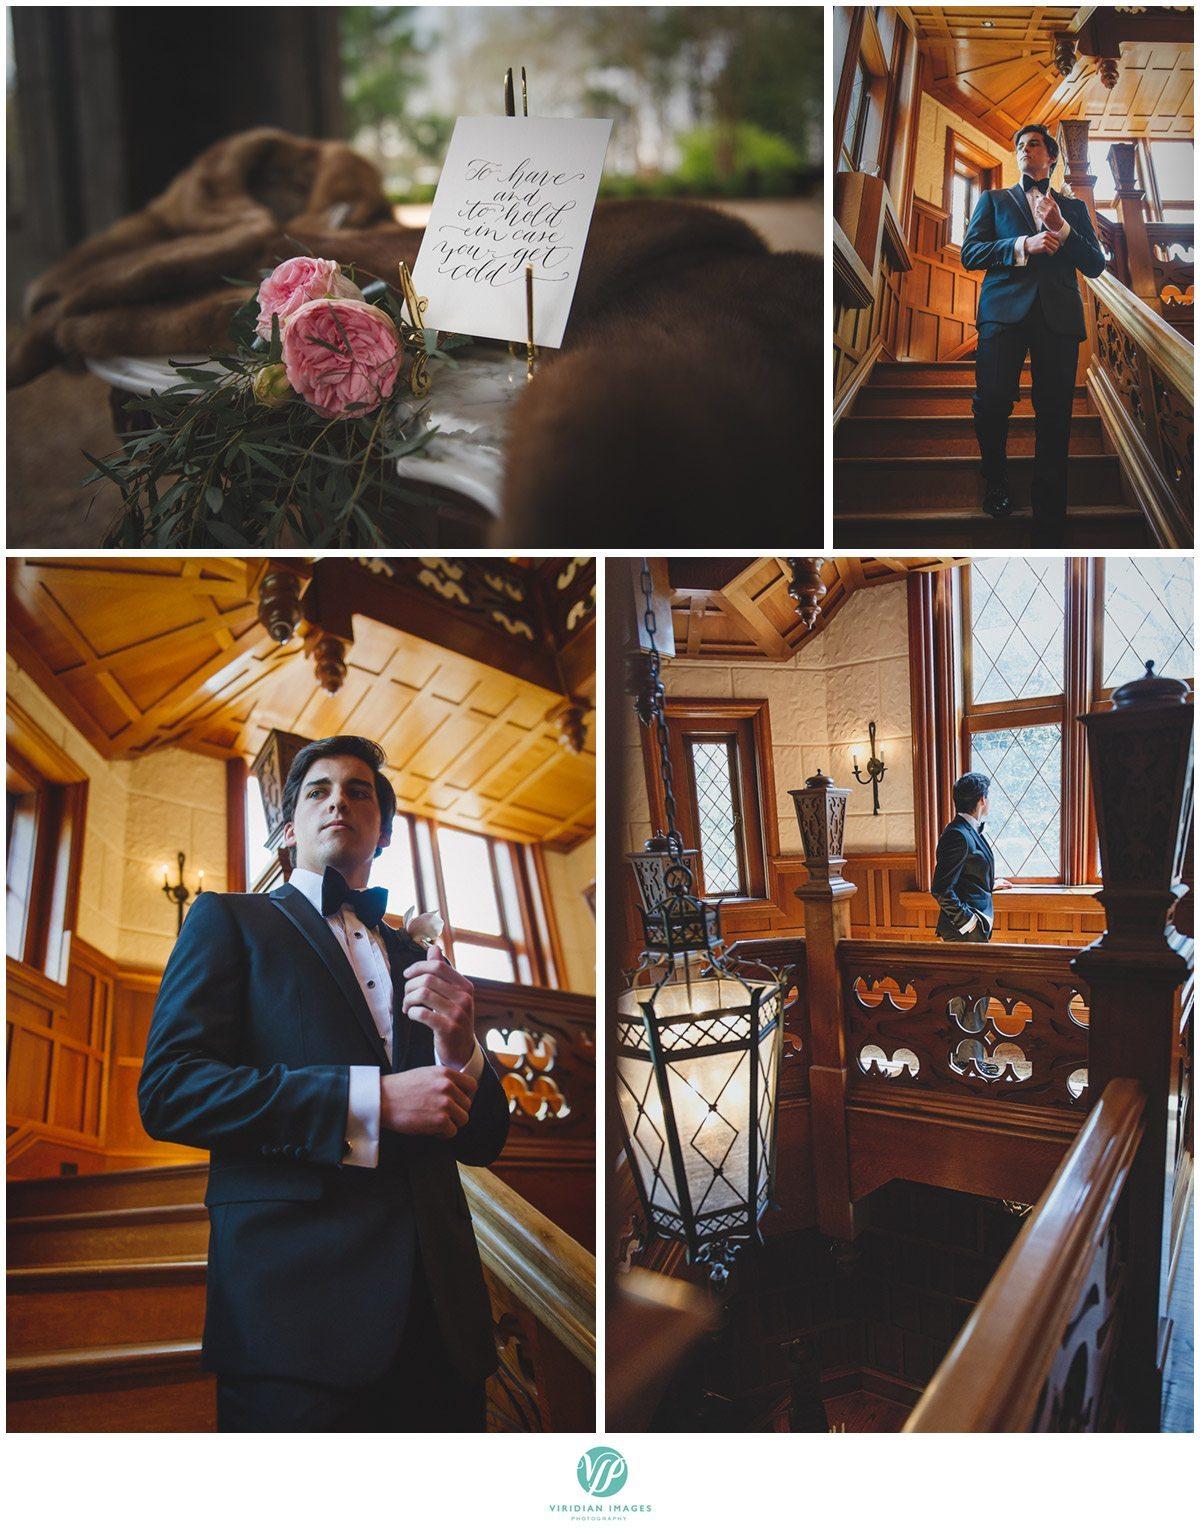 Bisham Manor Wedding grooms tuxedo photo